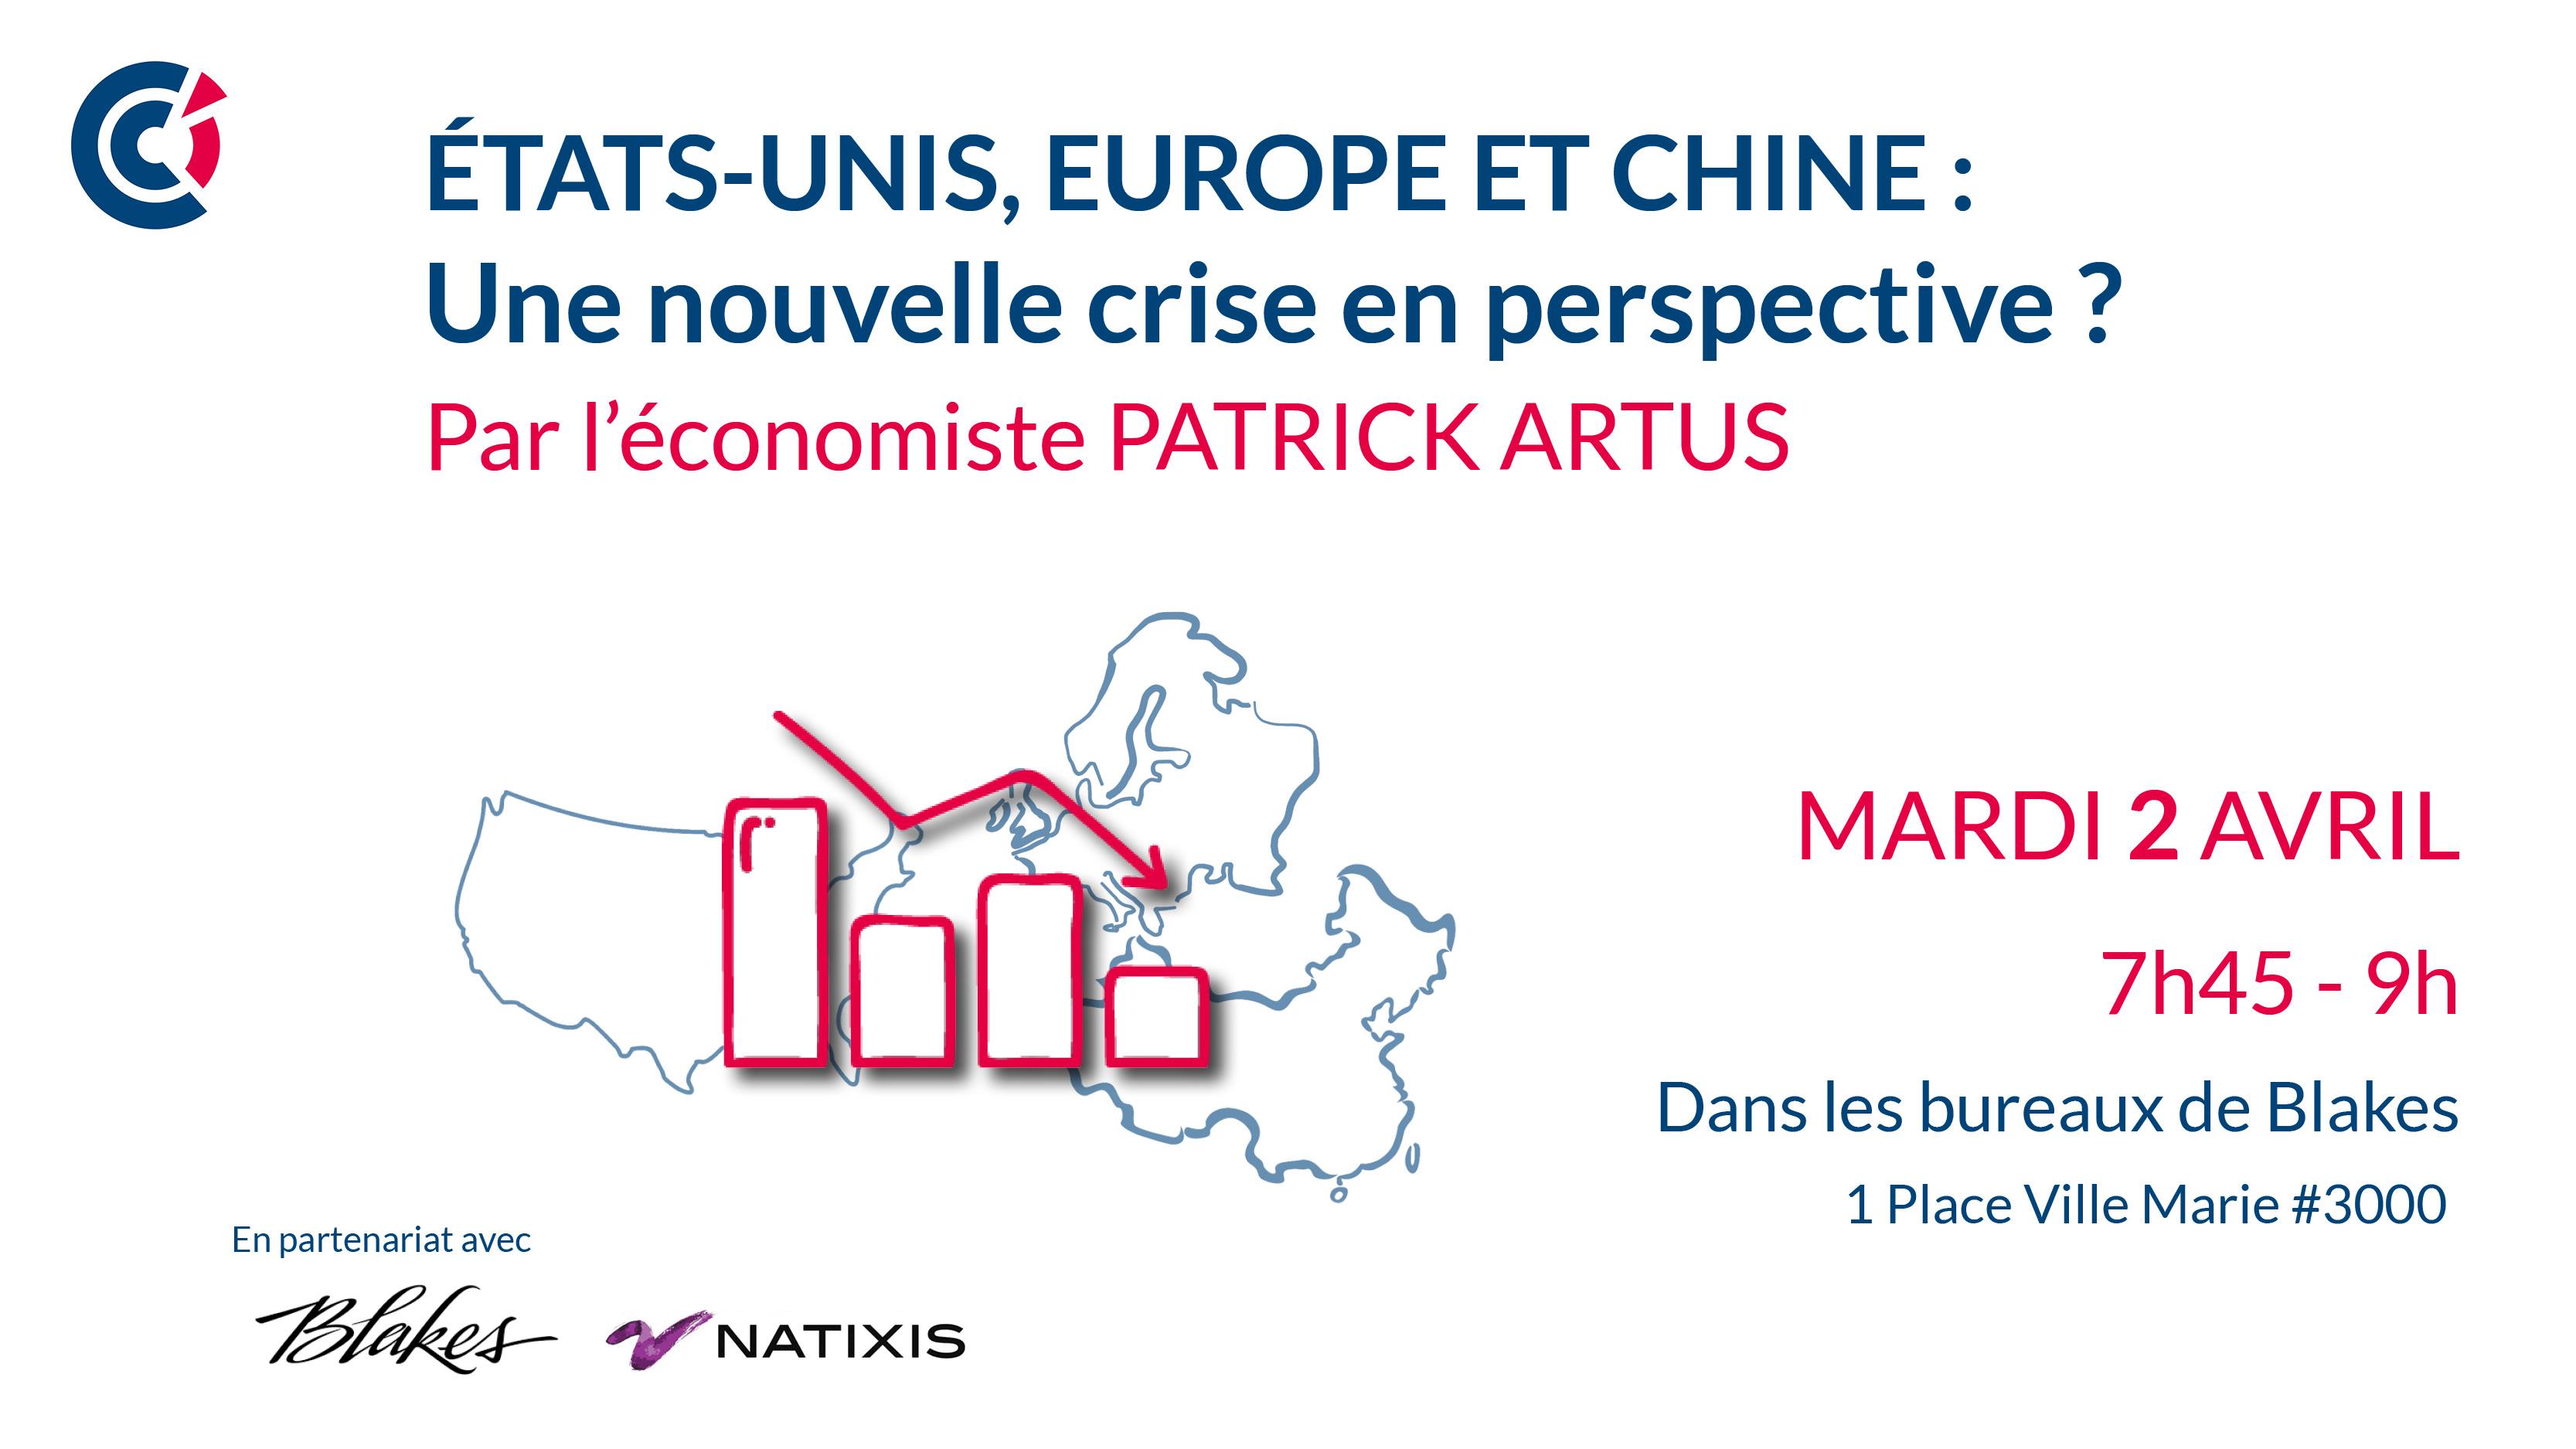 Etats-Unis, Europe, Chine : une nouvelle crise en perspective ?